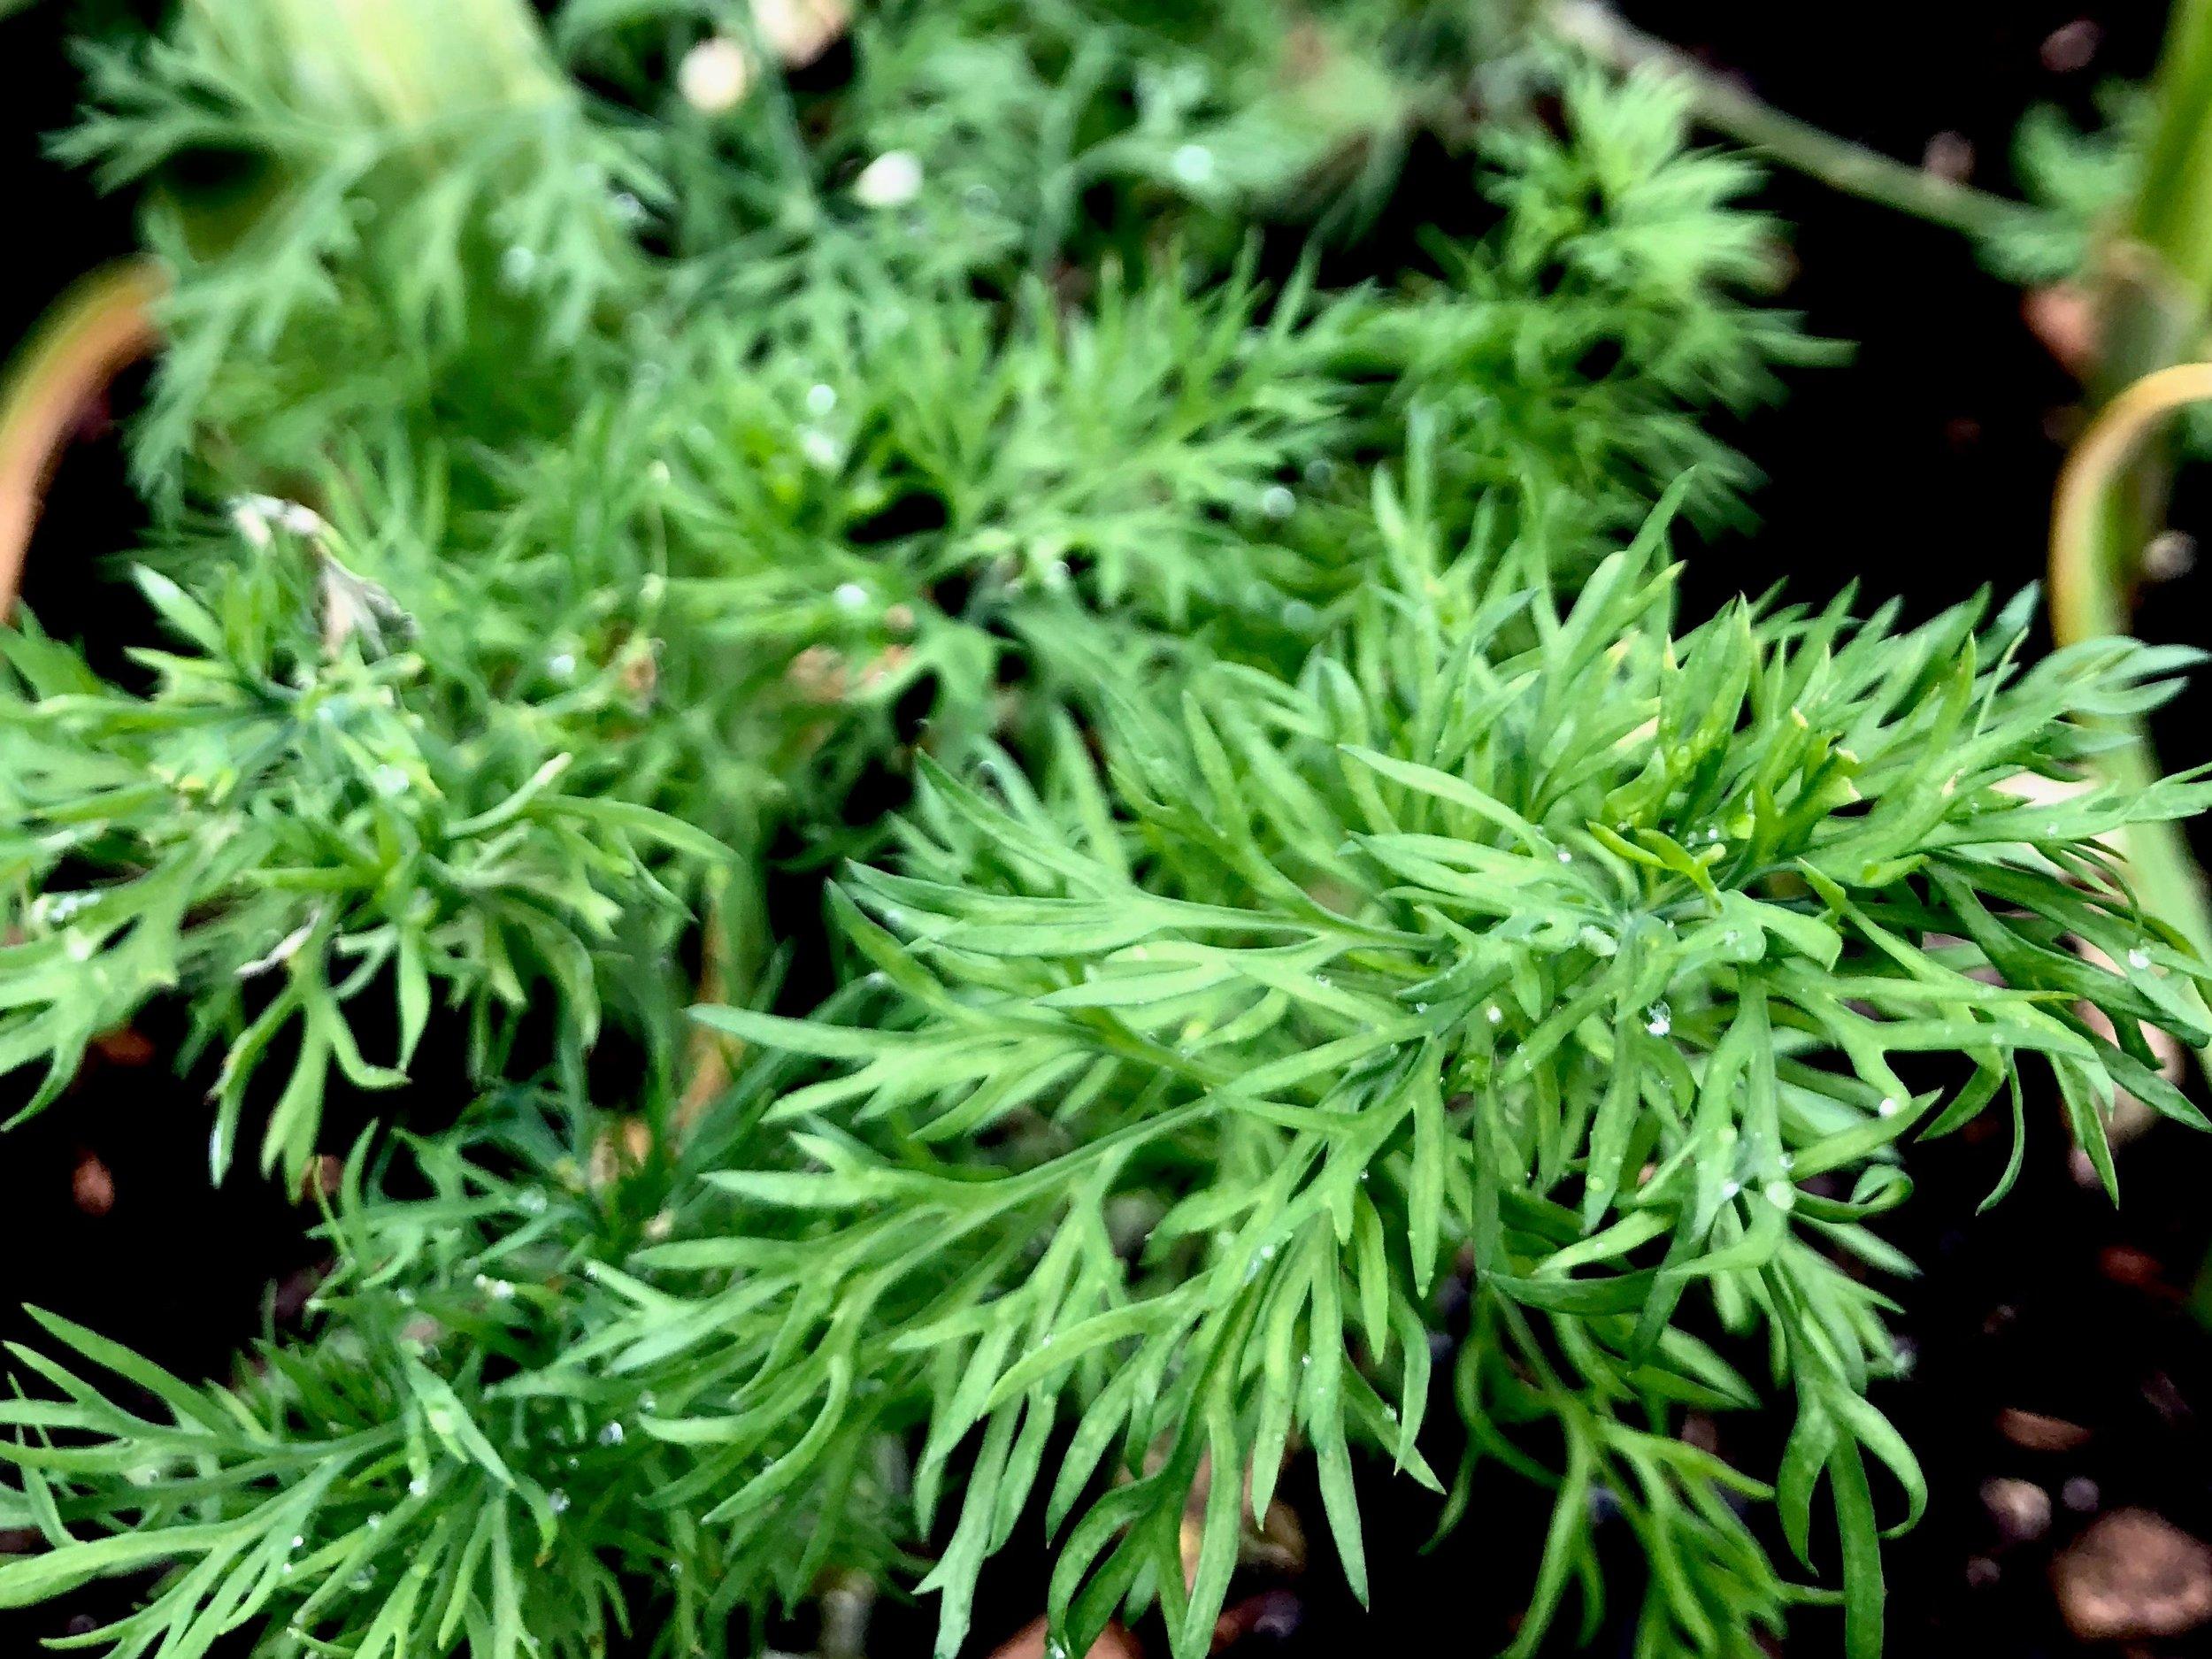 Dild i højbedet. Indtil videre vokser den fint. Dild fylder ikke så meget ved jorden og kan derfor plantes mellem andre planter, der ikke er så pladskrævende. Her vokser dild mellem hvidløg.